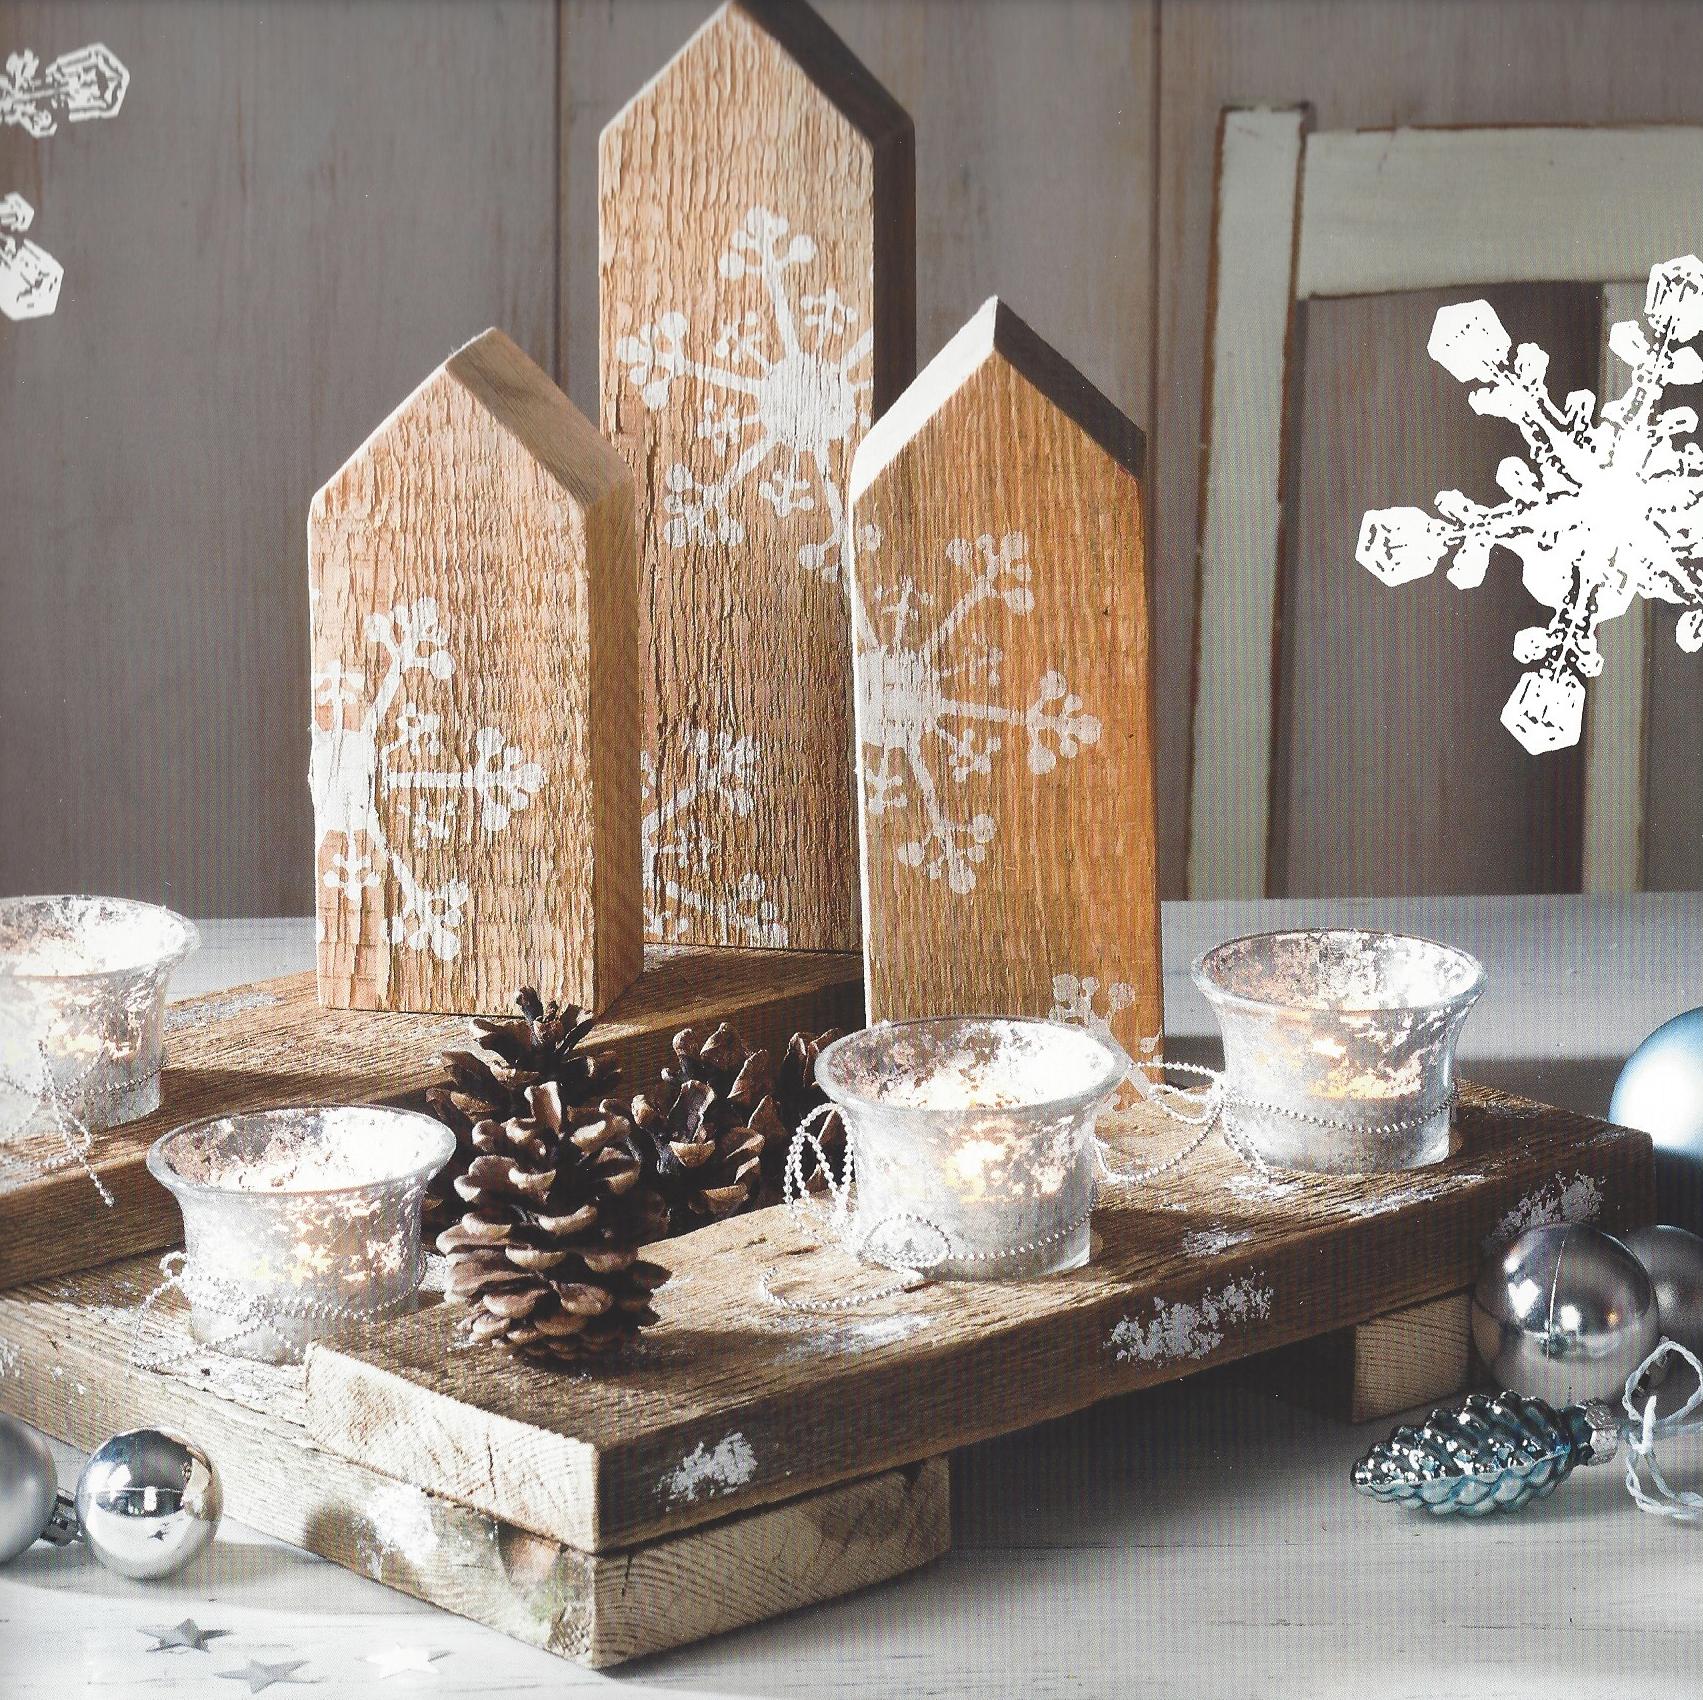 Holz Stadt Beispiels-Bild aus Buch vom Topp-Verlag